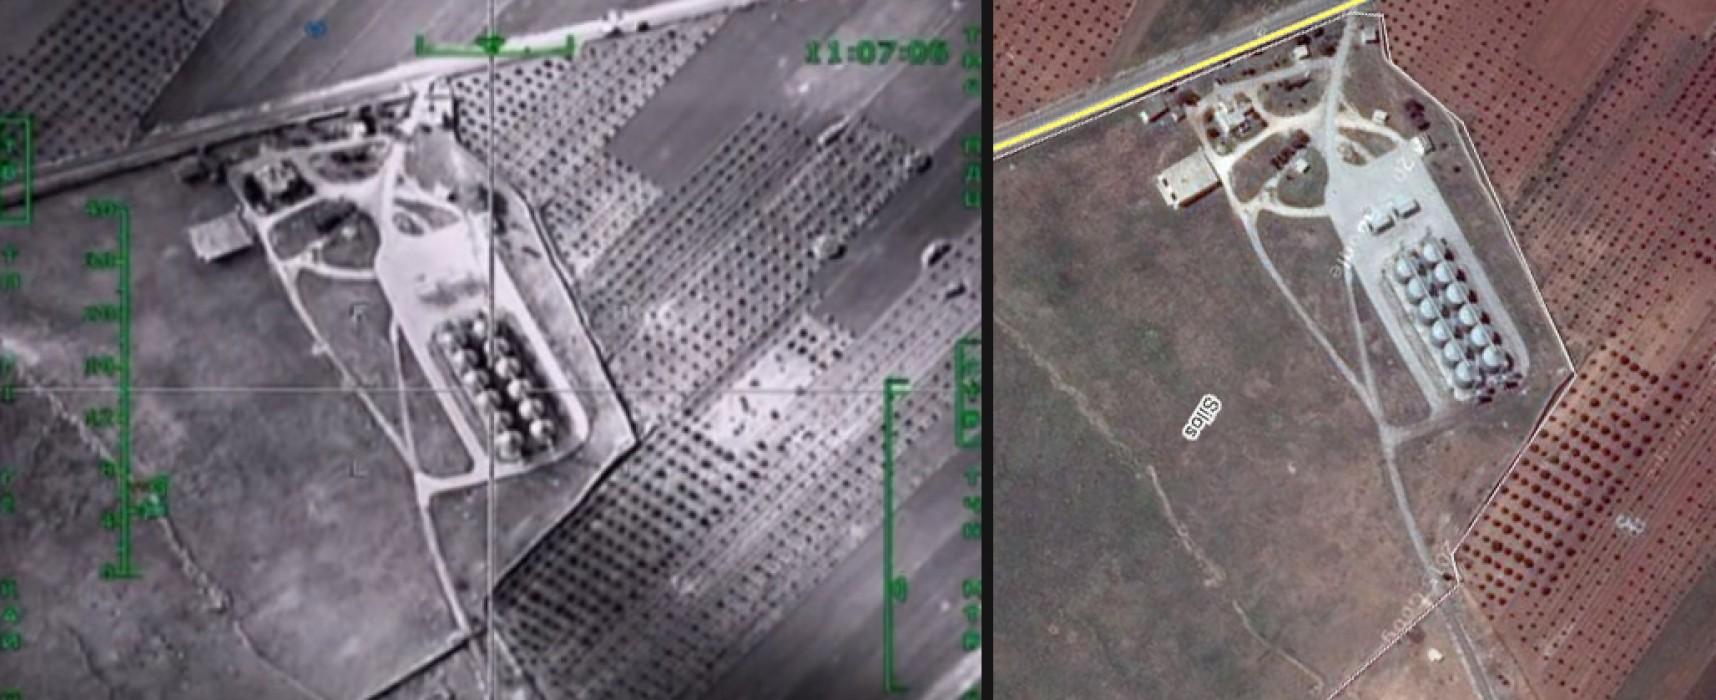 Falso: el ejército ruso derribó una terminal petrolera en Siria